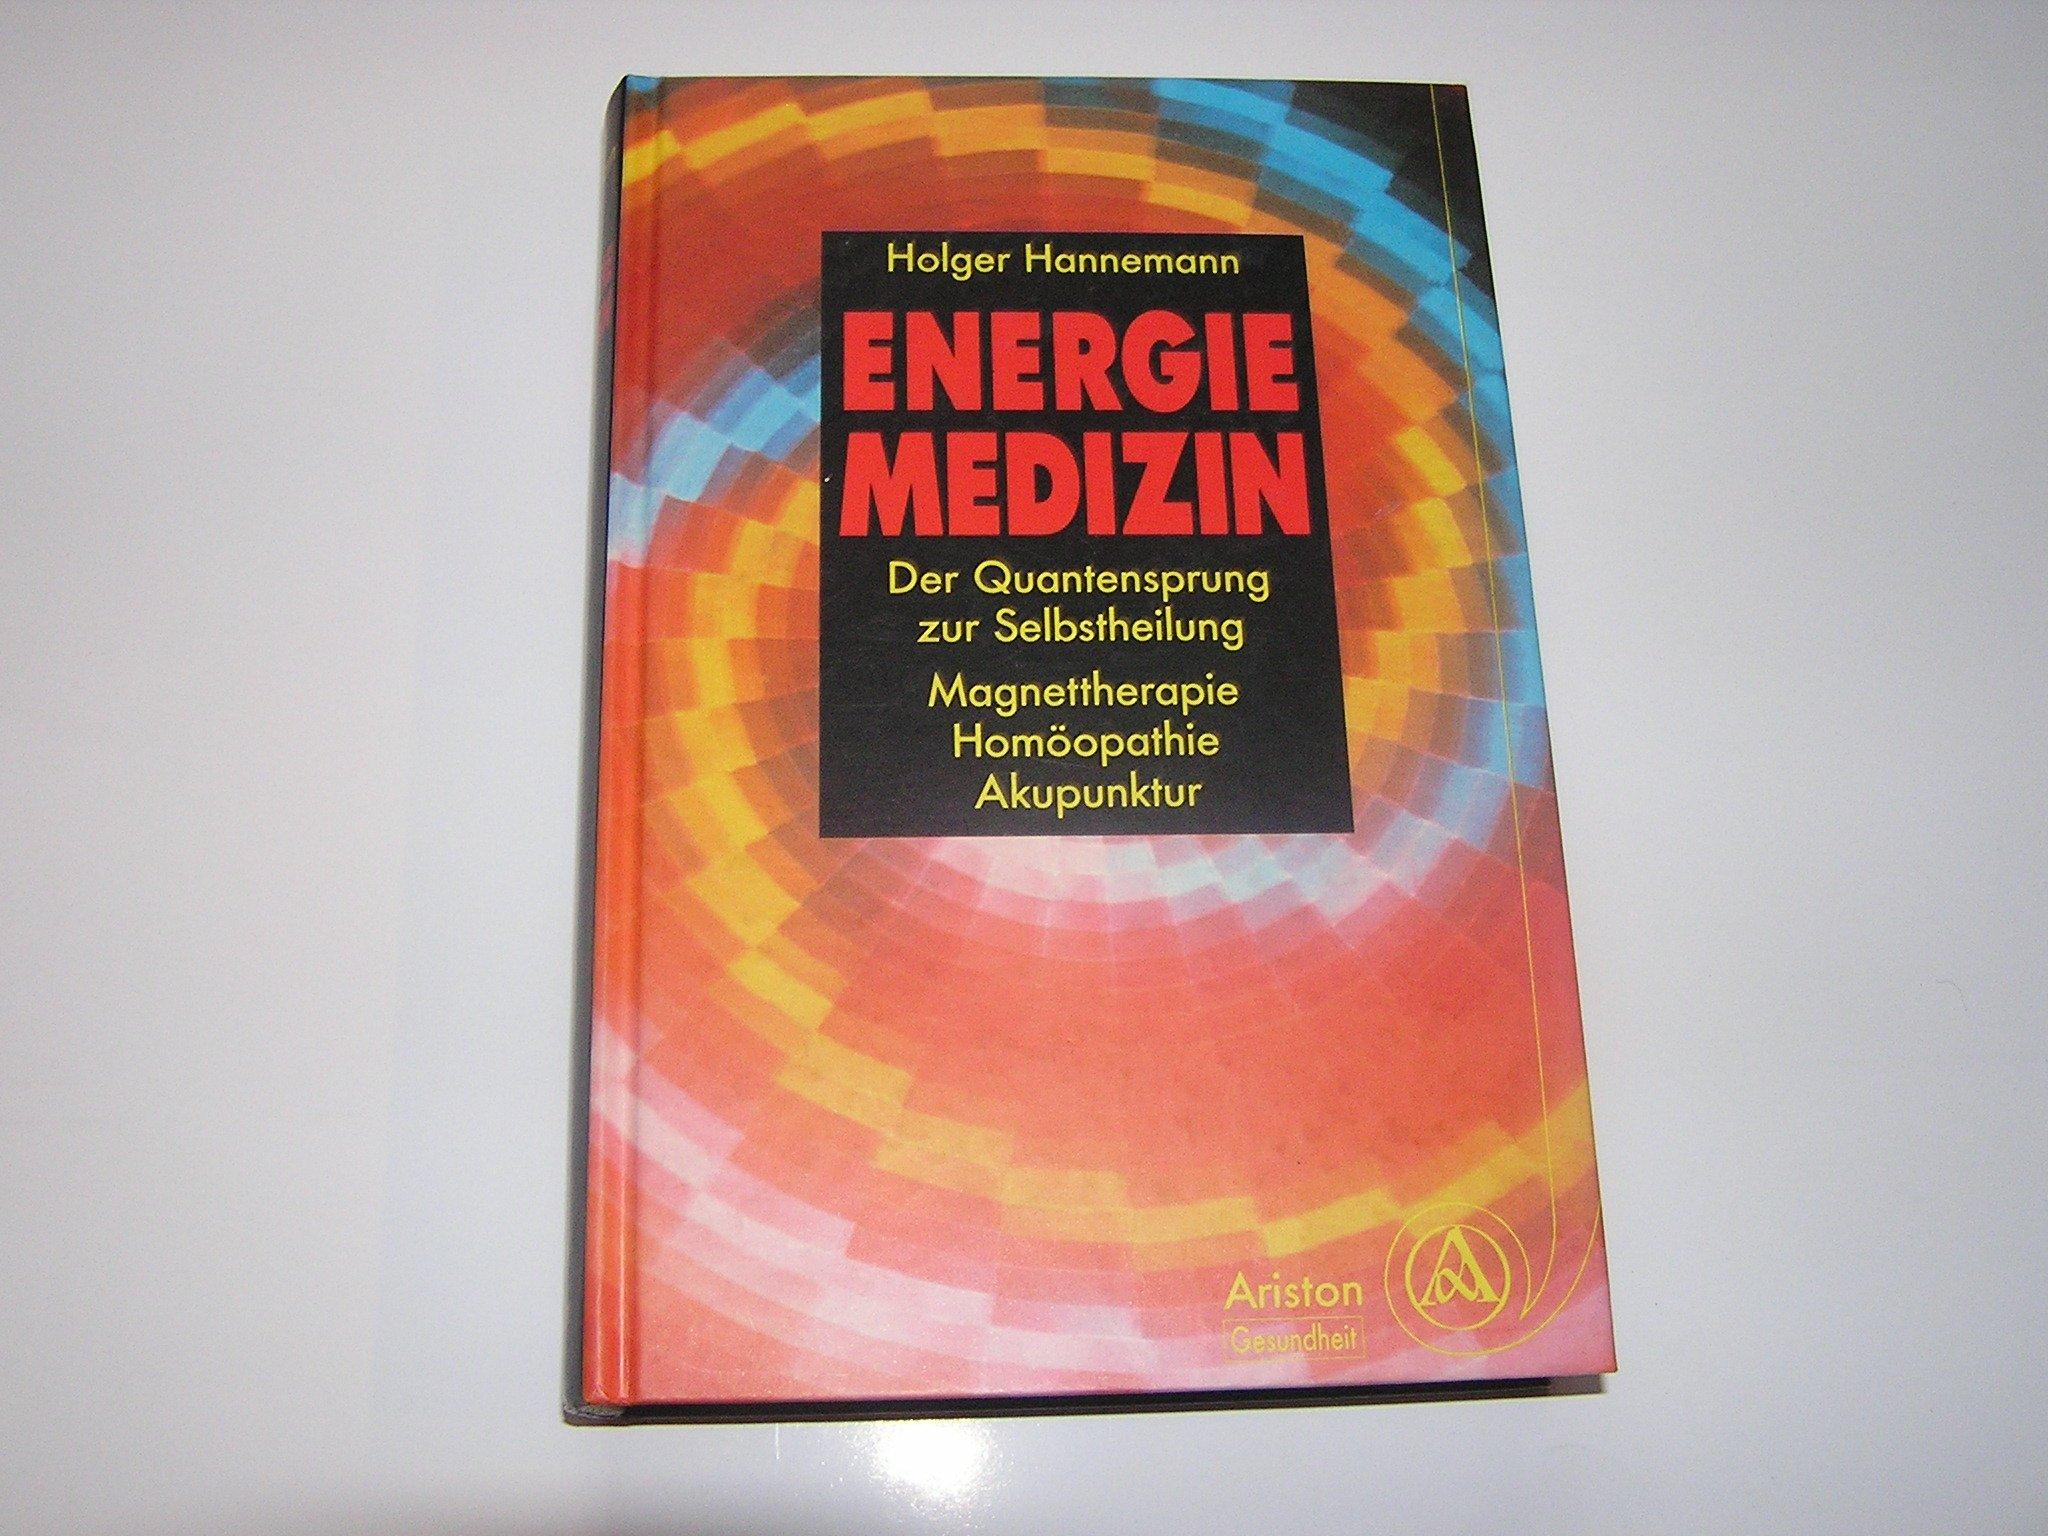 Energiemedizin. Der Quantensprung zur Selbstheilung. Magnettherapie - Homöopathie - Akupunktur.